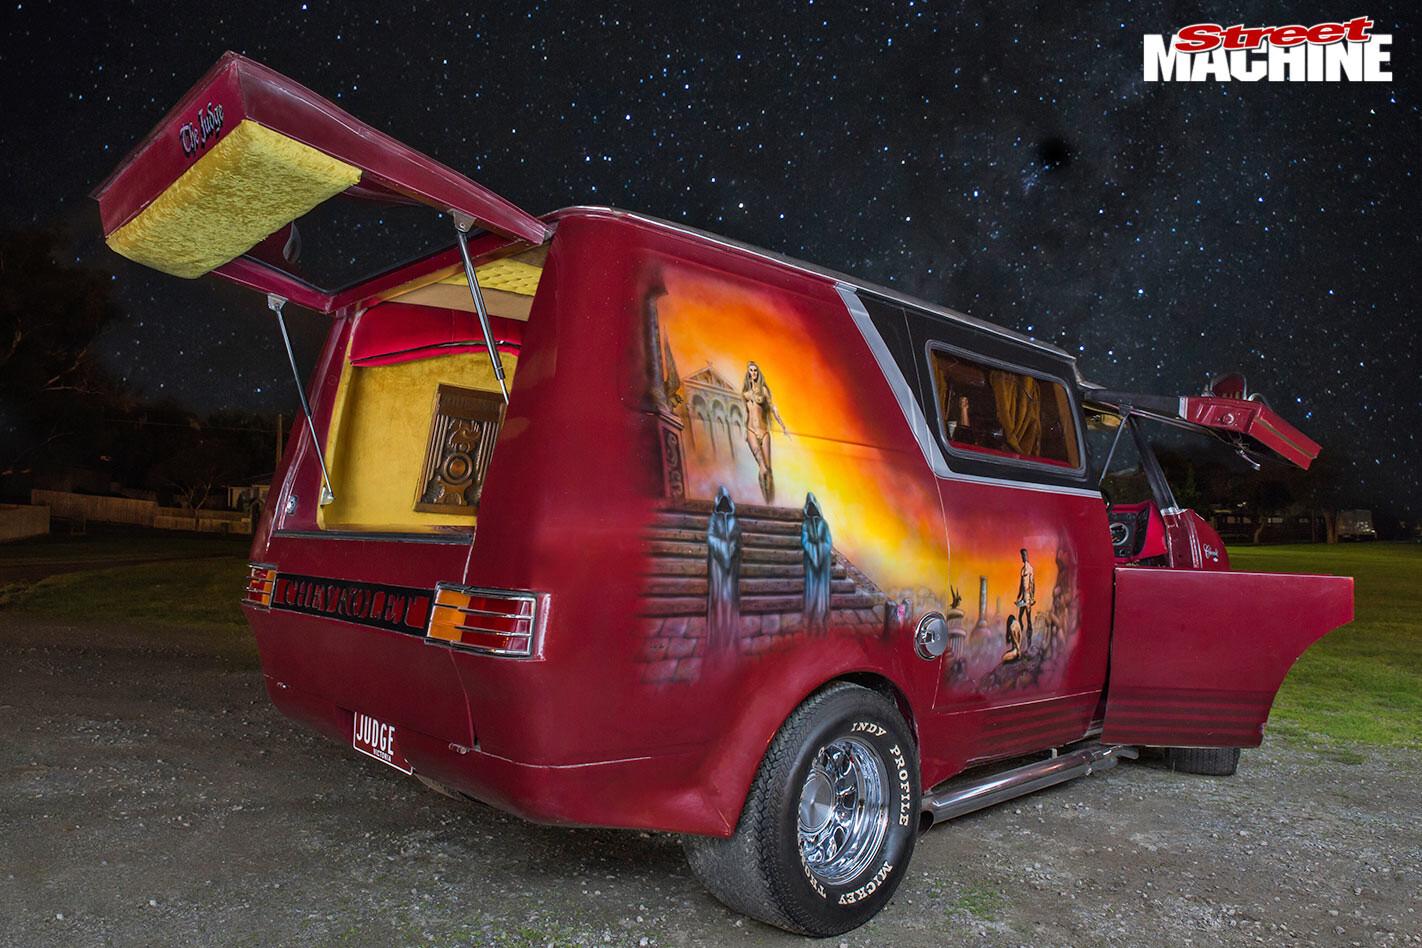 Bedford Van mural